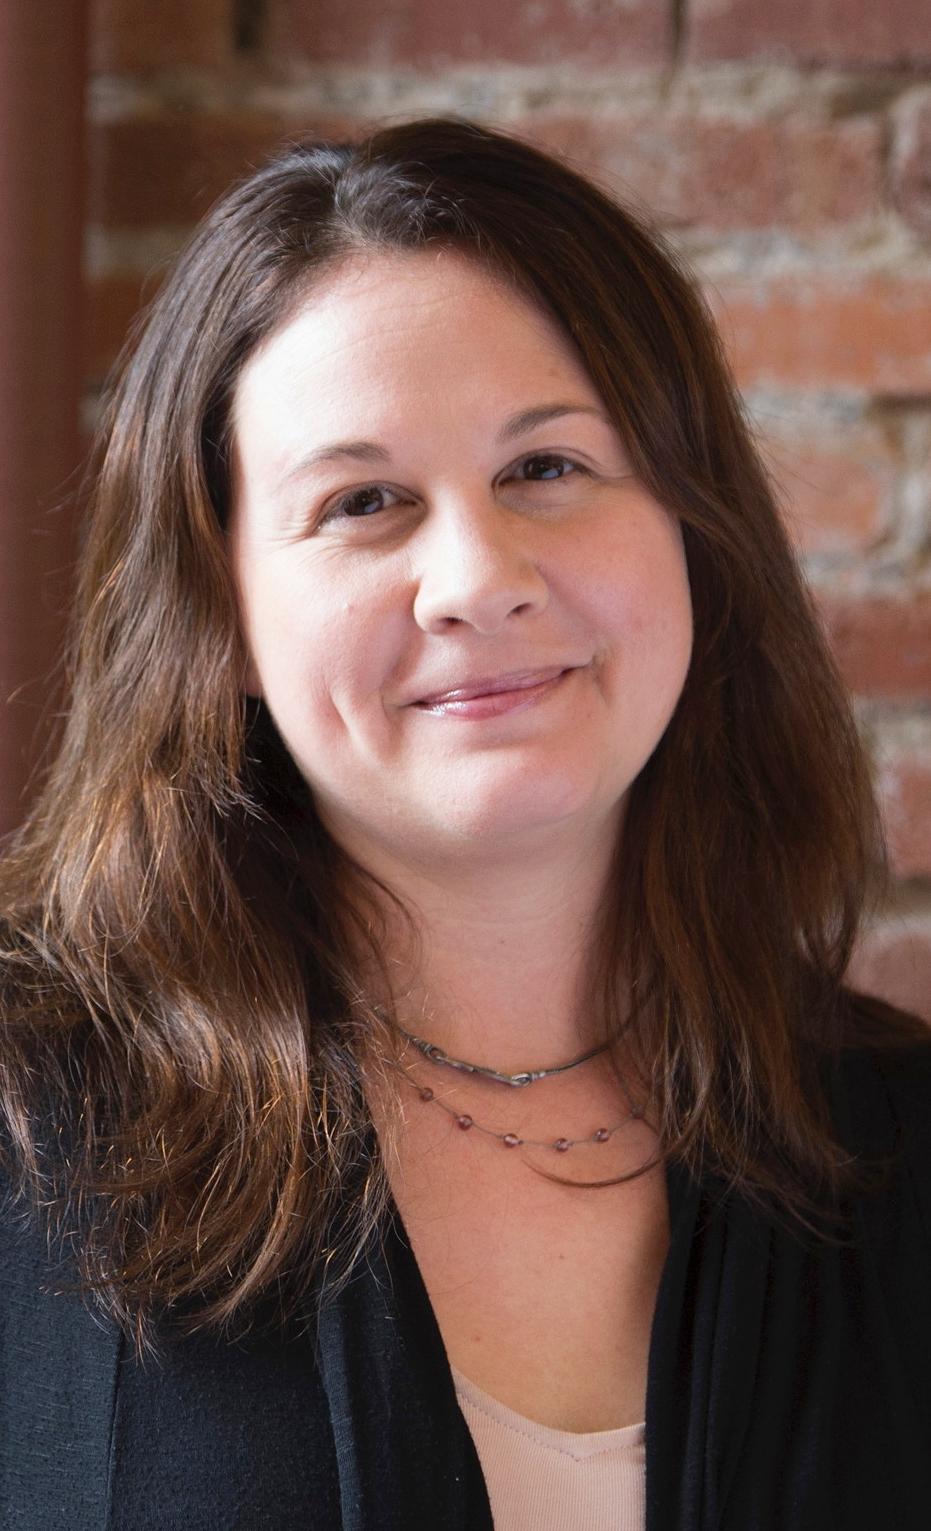 Melanie Henkel